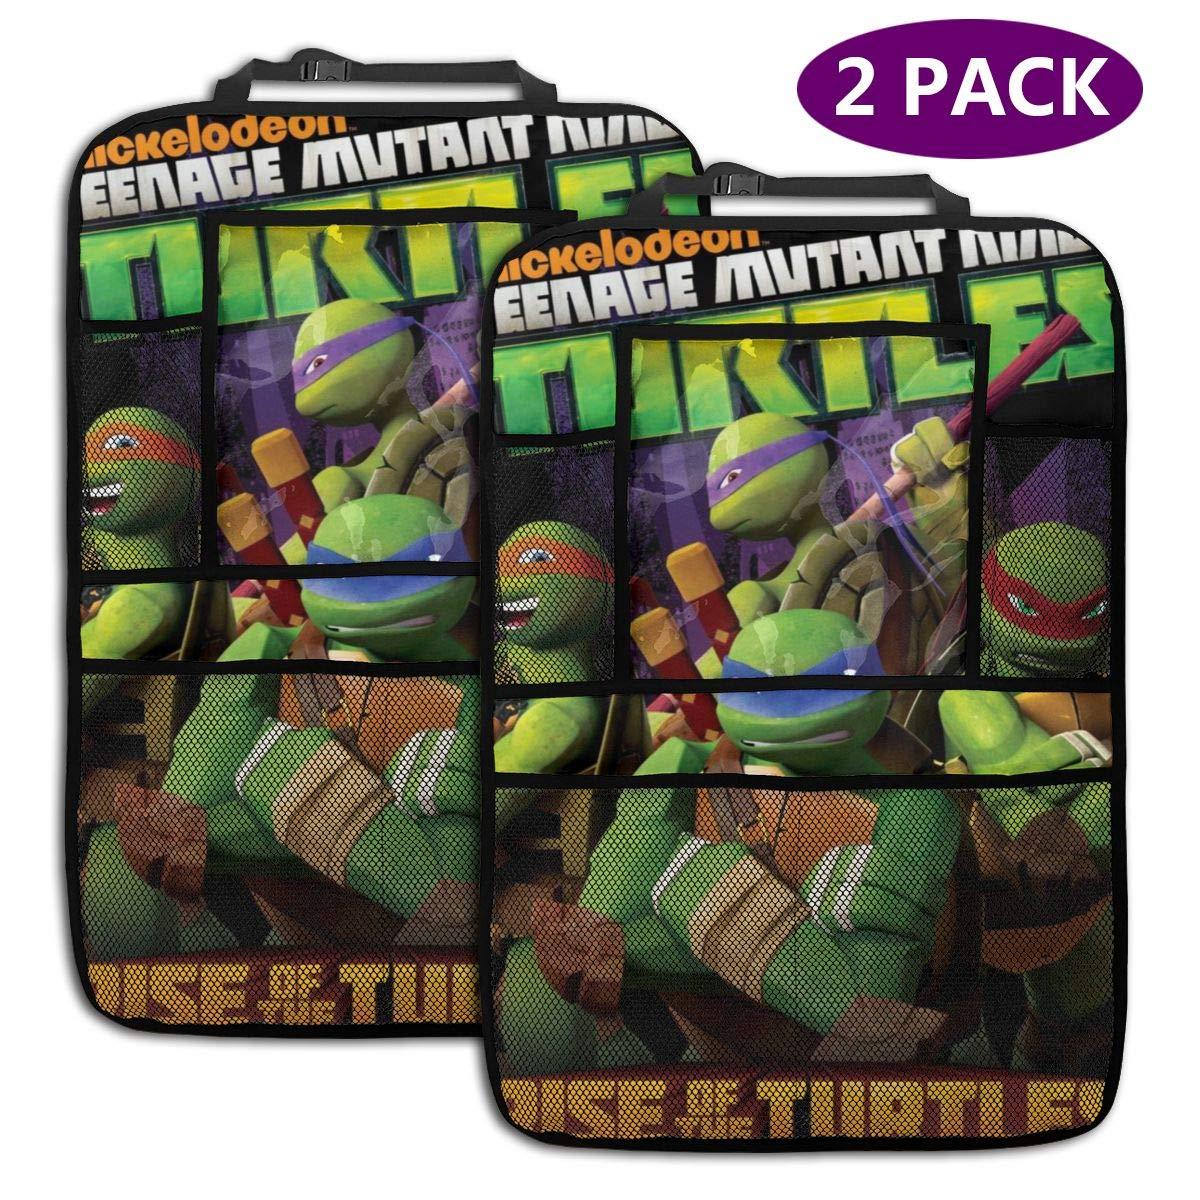 Amazon.com: Teenage Mutant Ninja Turtles Car Seat Back ...